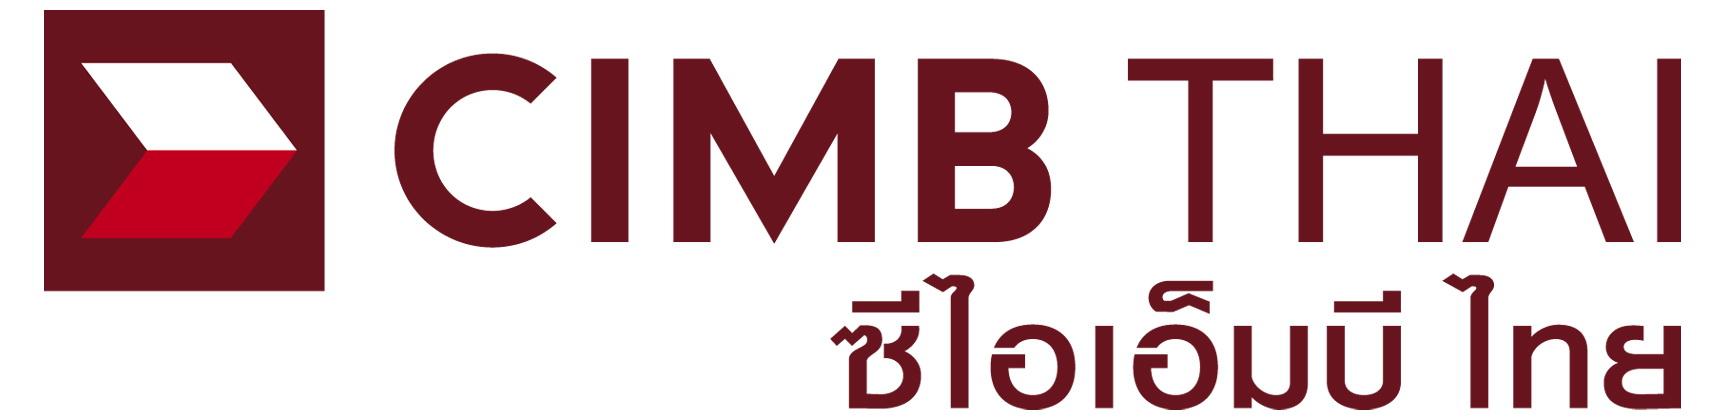 www.imoneythailand.com